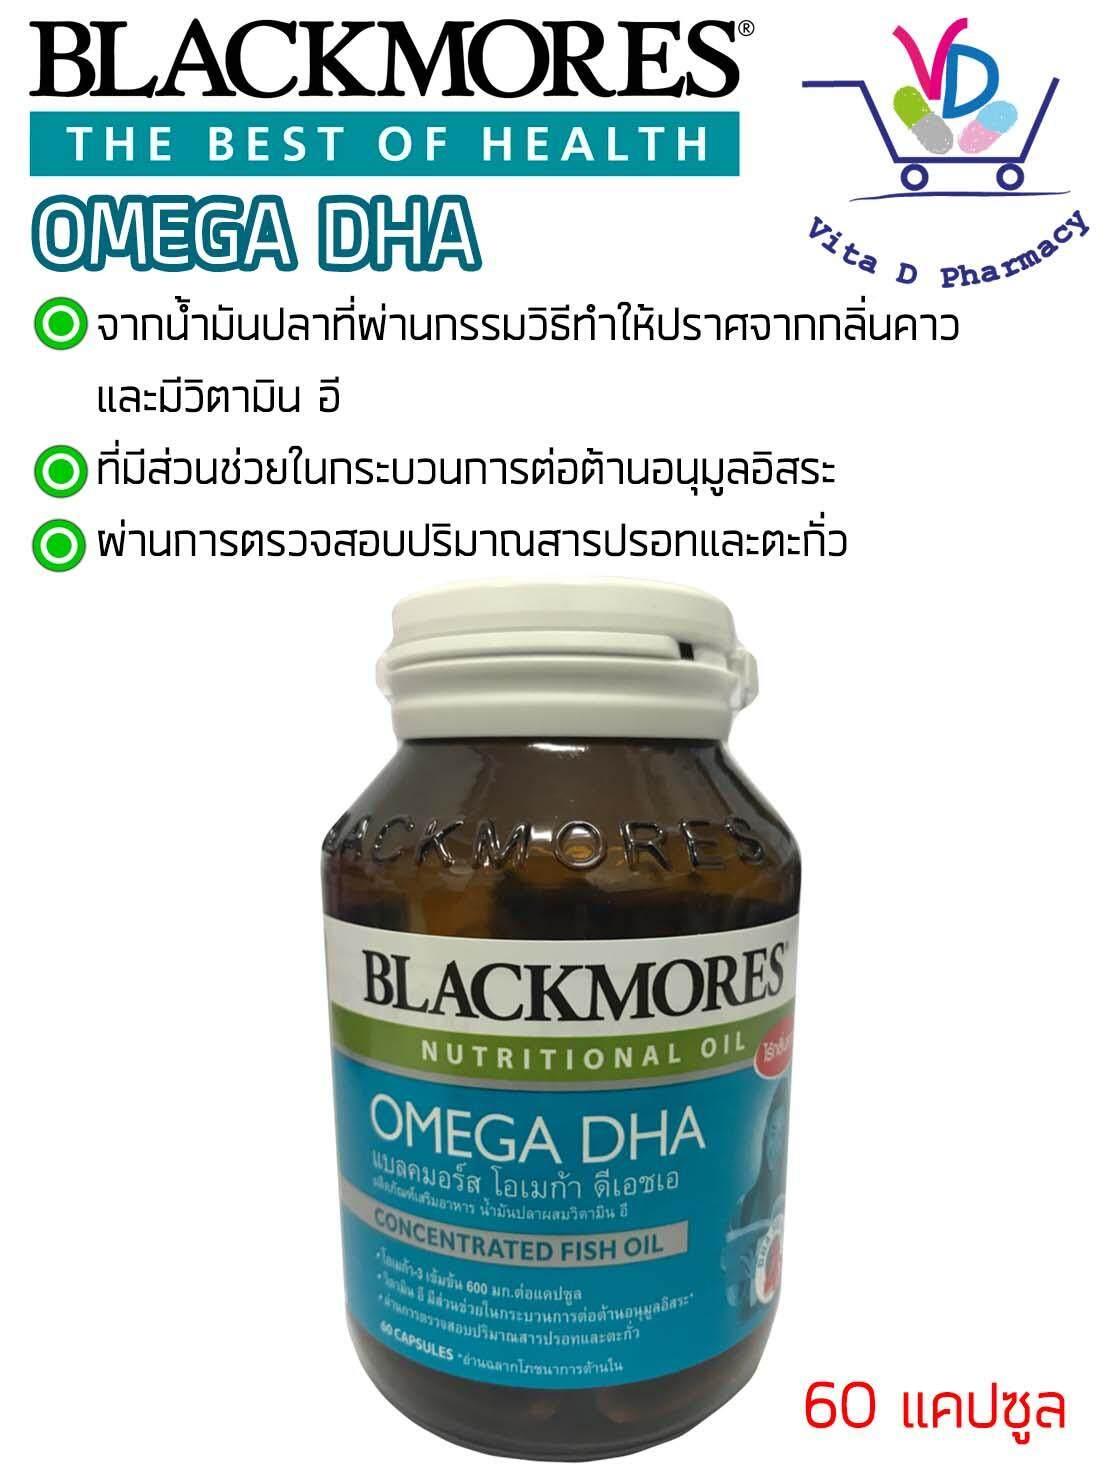 ยี่ห้อไหนดี  เพชรบูรณ์ Blackmores Omega DHA Cap (60 Tablets) ผลิตภัณฑ์เสริมอาหารกรดไขมันกลุ่มโอเมก้า 3